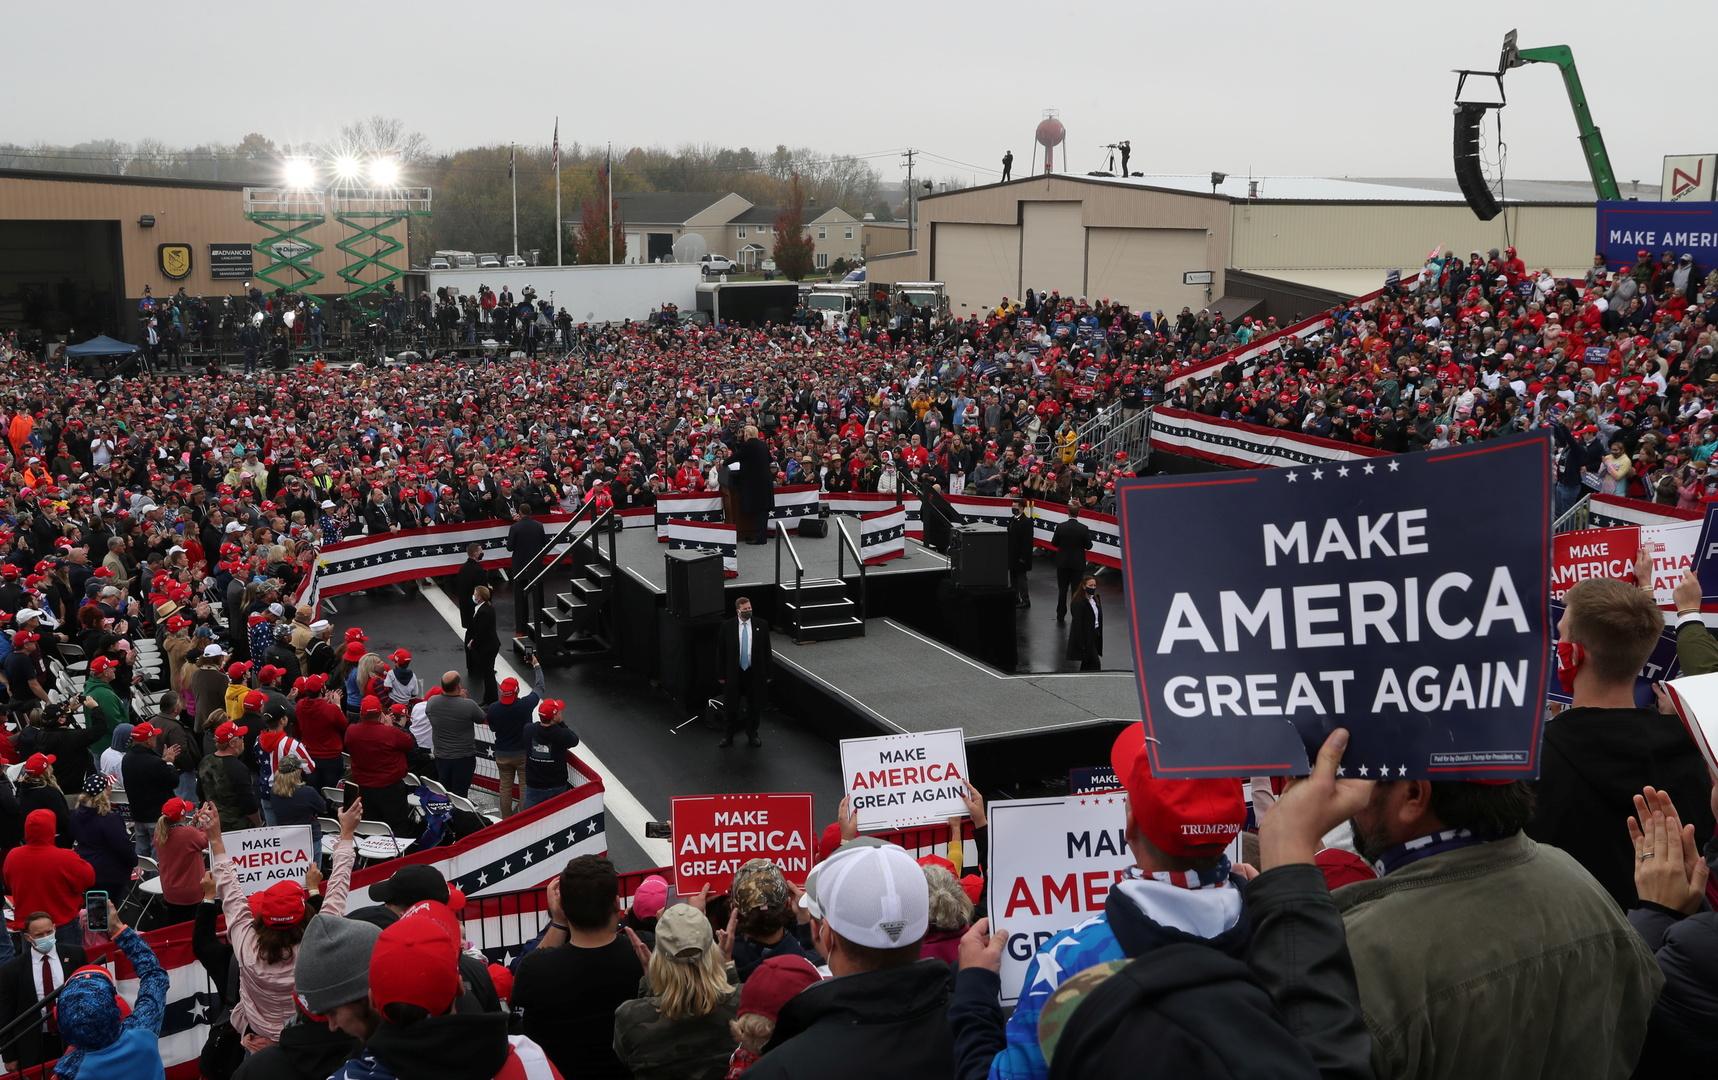 ولاية مينيسوتا تعلن تفشي كورونا بعد 3 تجمعات إنتخابية لترامب